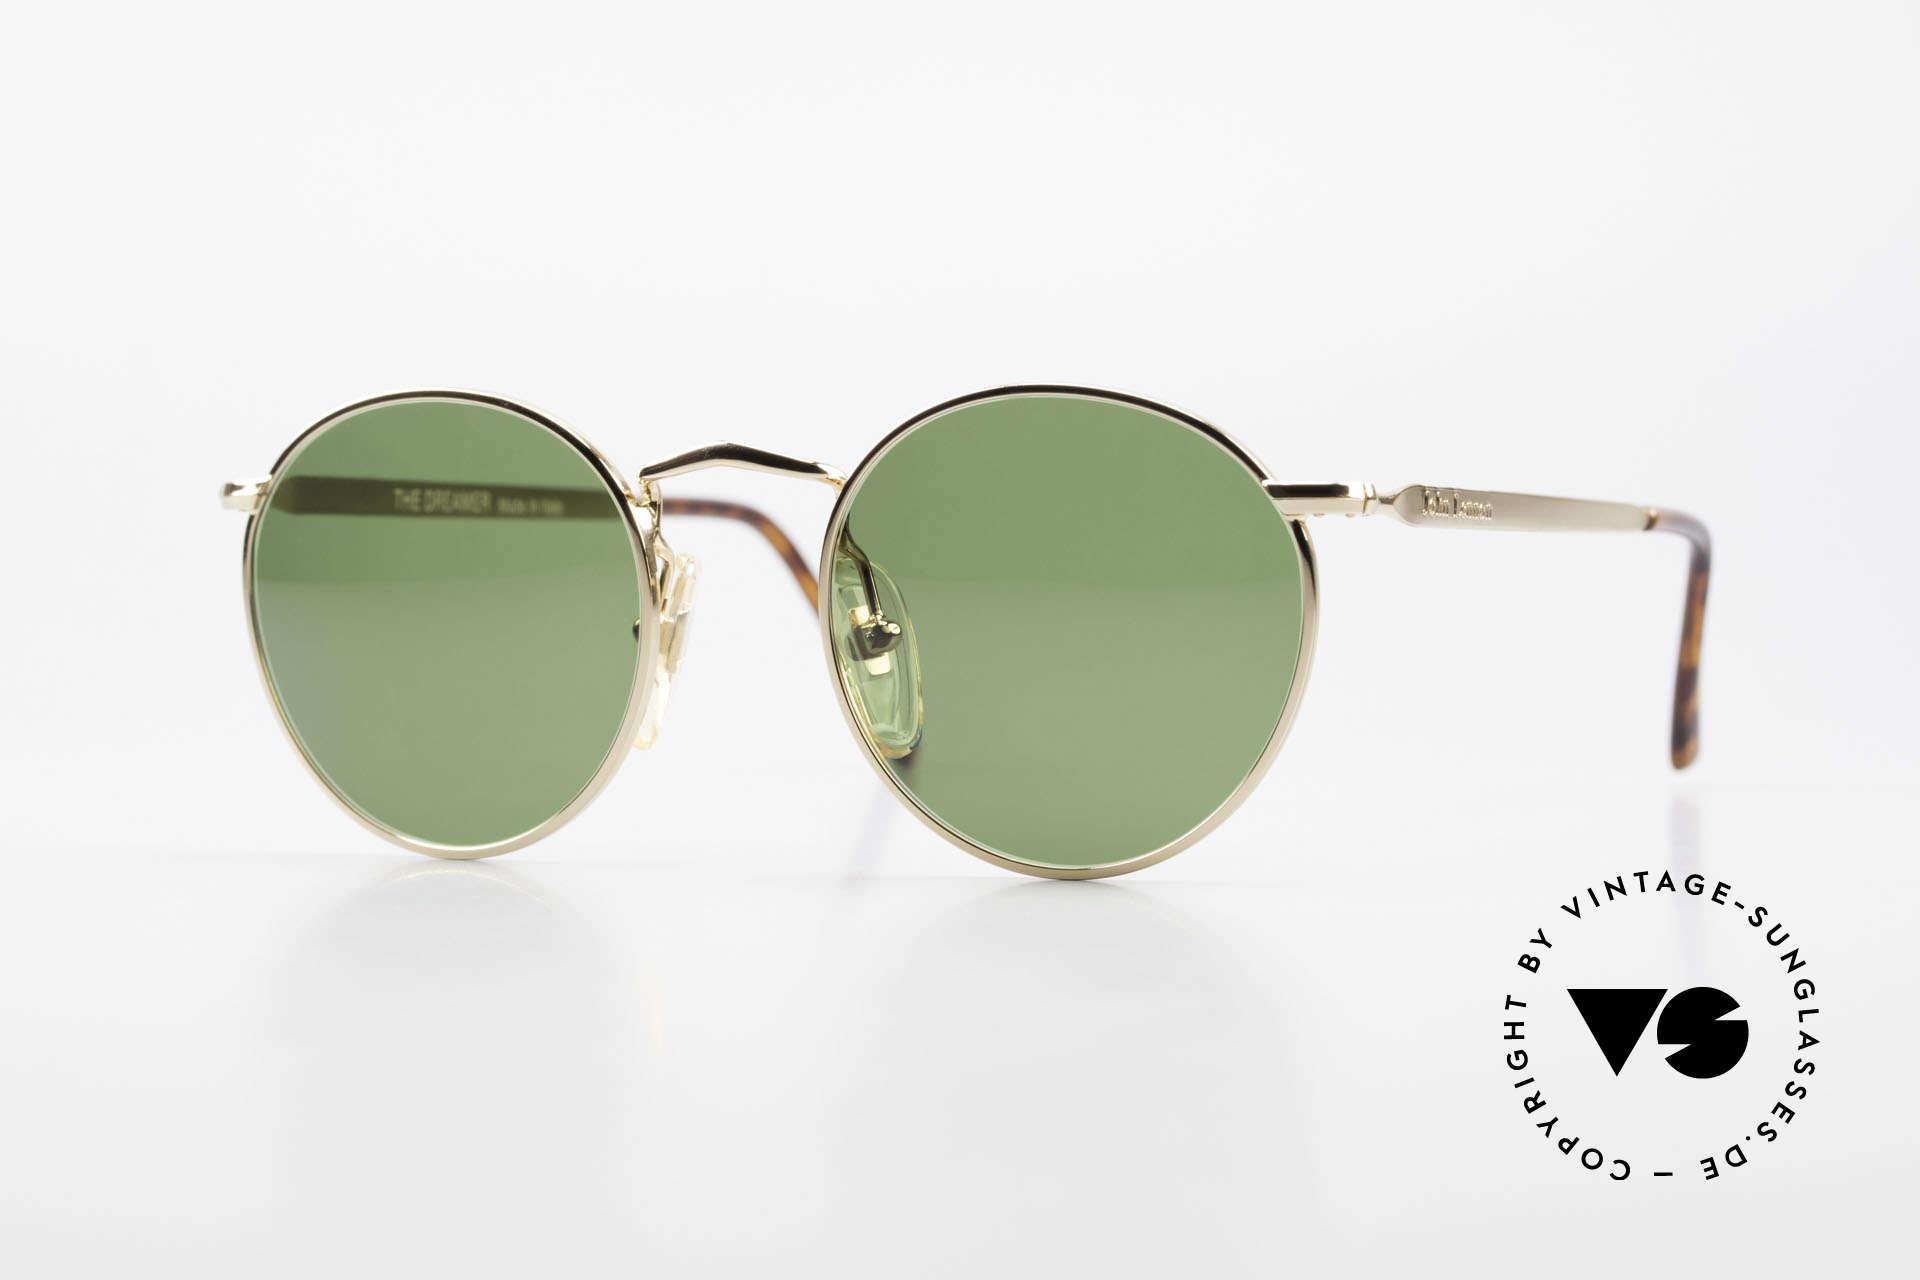 John Lennon - The Dreamer Original JL Collection Brille, vintage Brille der original 'John Lennon Collection', Passend für Herren und Damen